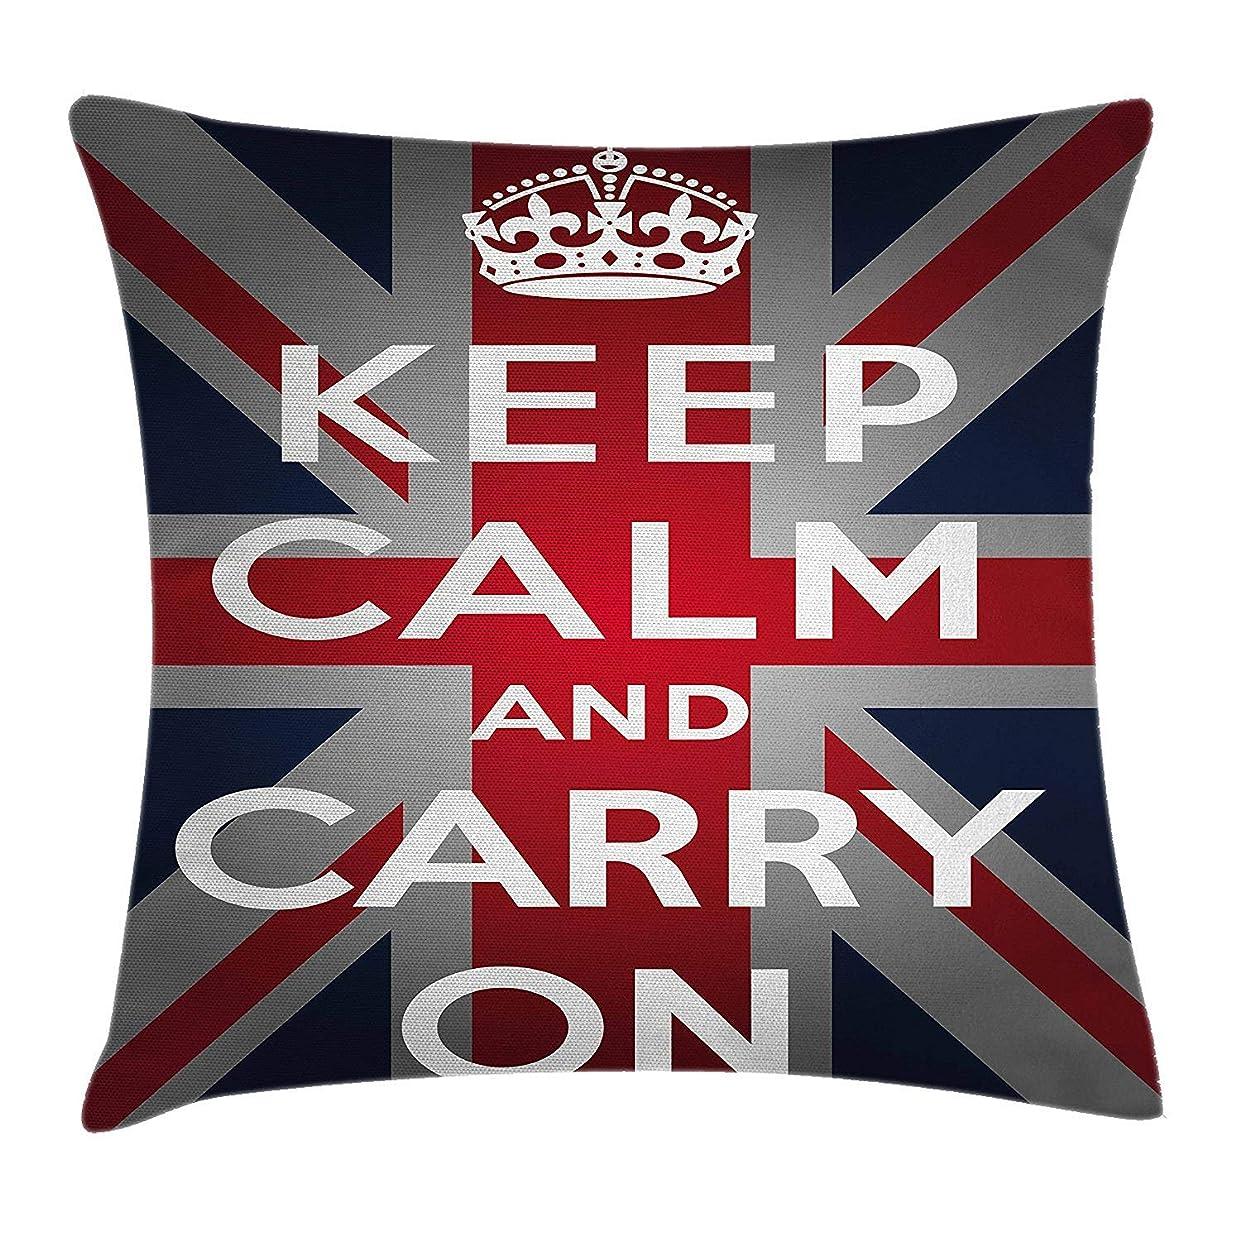 下に向けます特異な水平Union Jack Throw Pillow Cushion Cover, Keep Calm and Cary On Quote Crown Figure United Kingdom Britain Flag, Decorative Square Accent Pillow Case, 18 X 18 inches, Navy Blue Red White